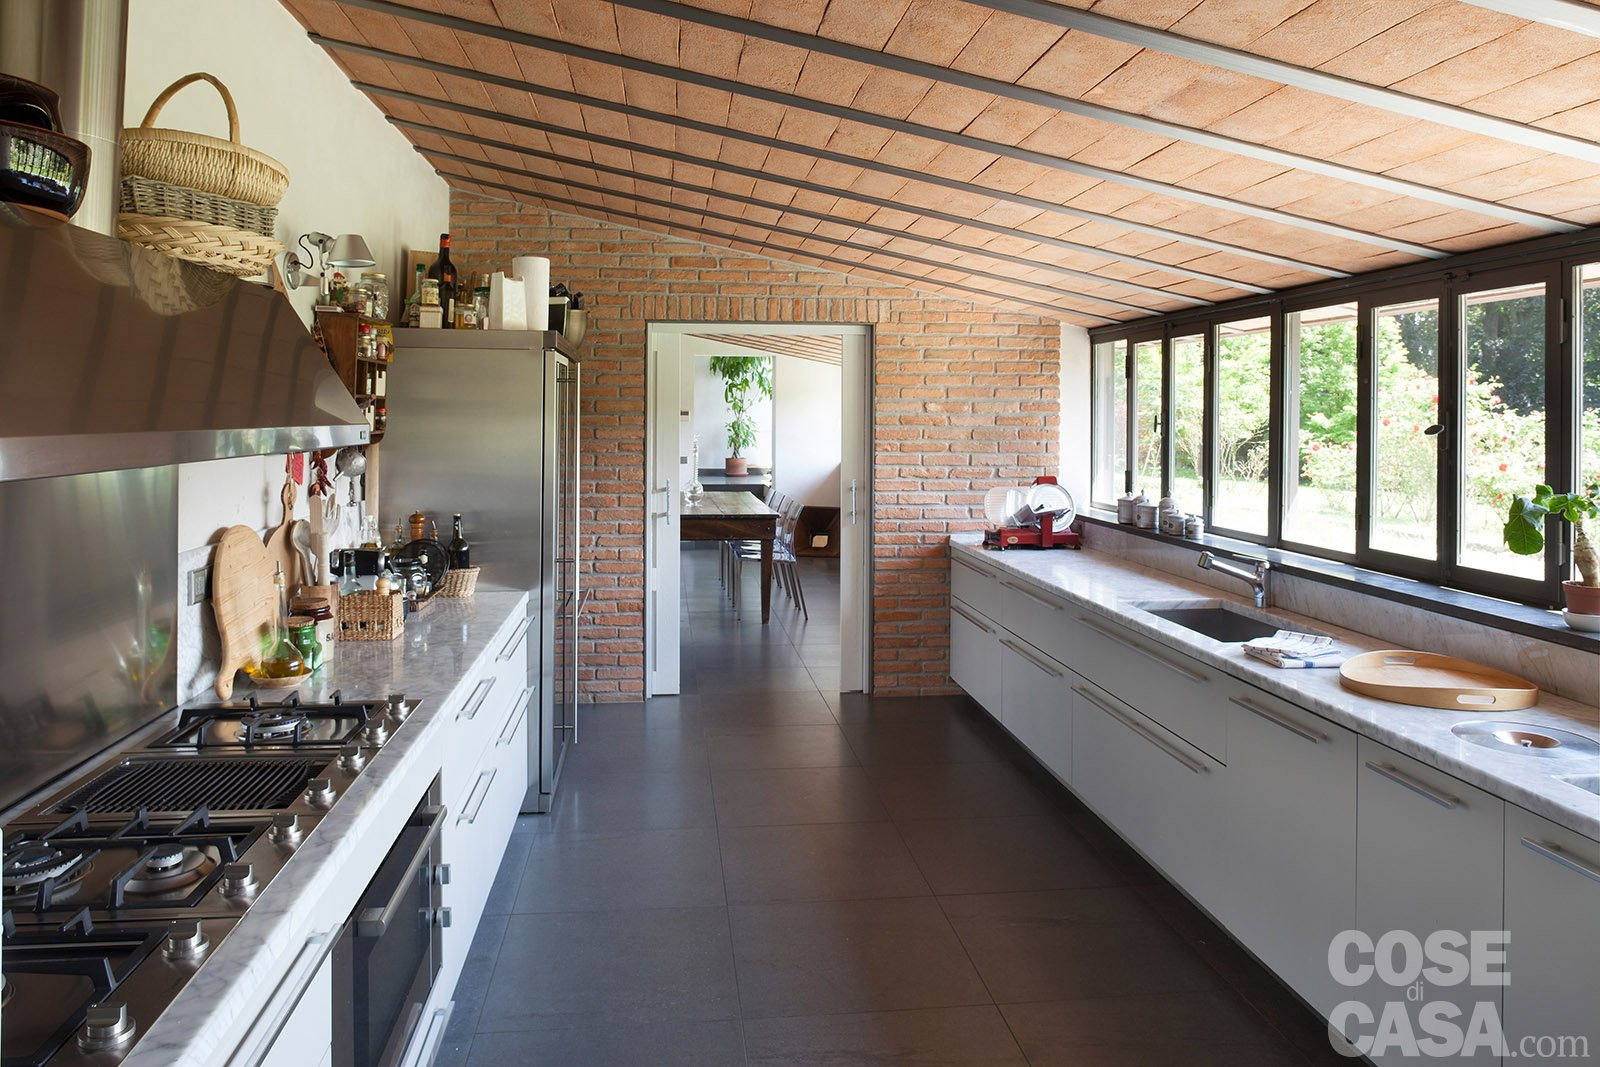 Cucina soggiorno open space rustico idee per il design - Open space casa ...